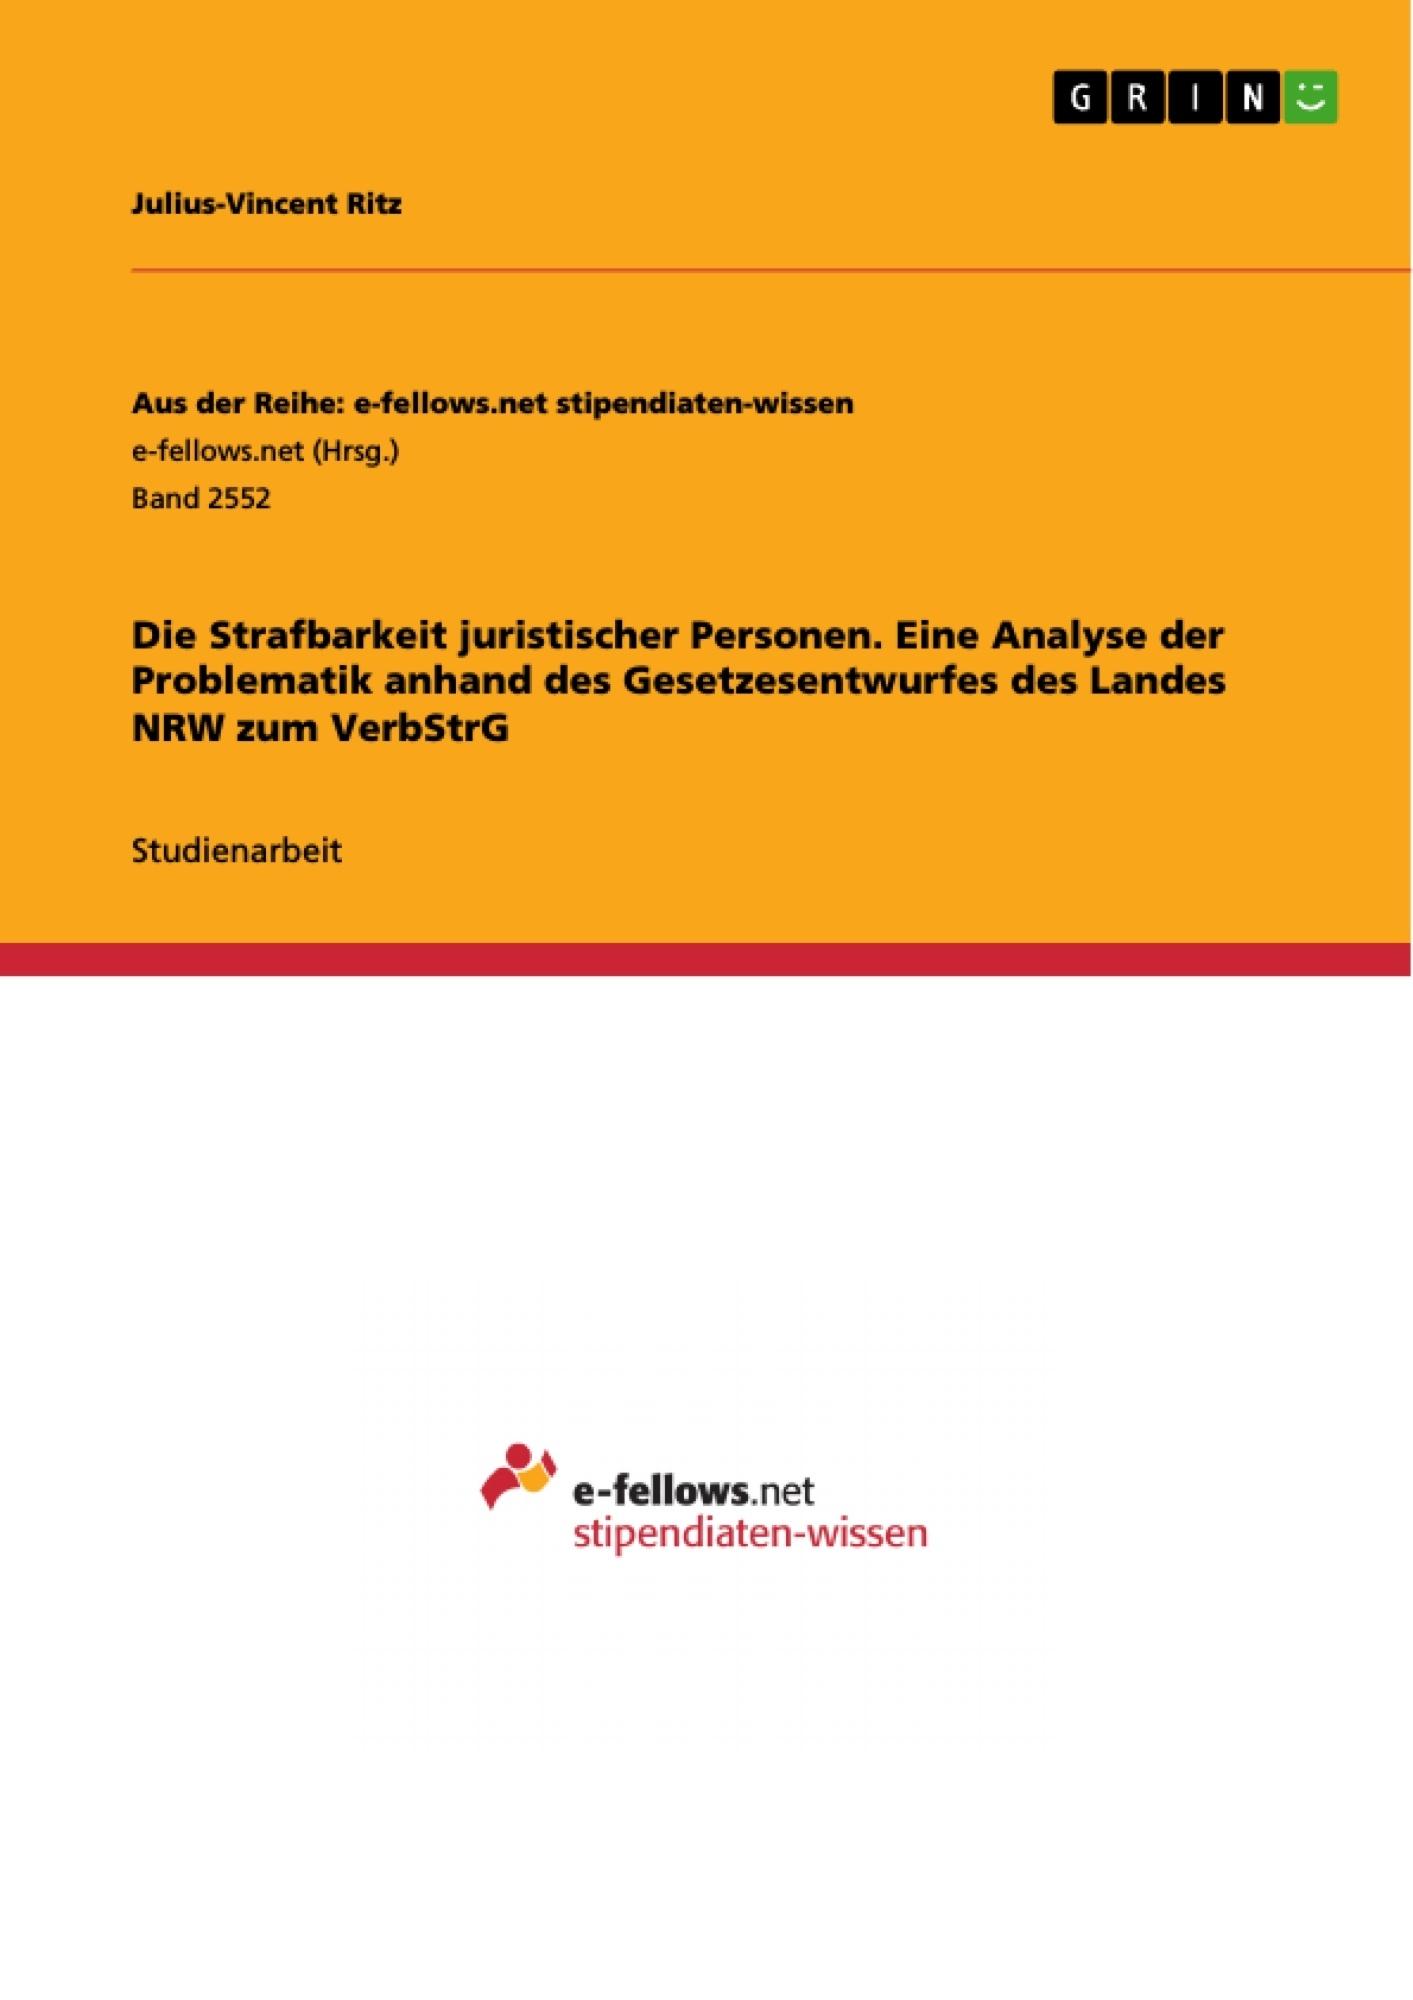 Titel: Die Strafbarkeit juristischer Personen. Eine Analyse der Problematik anhand des Gesetzesentwurfes des Landes NRW zum VerbStrG